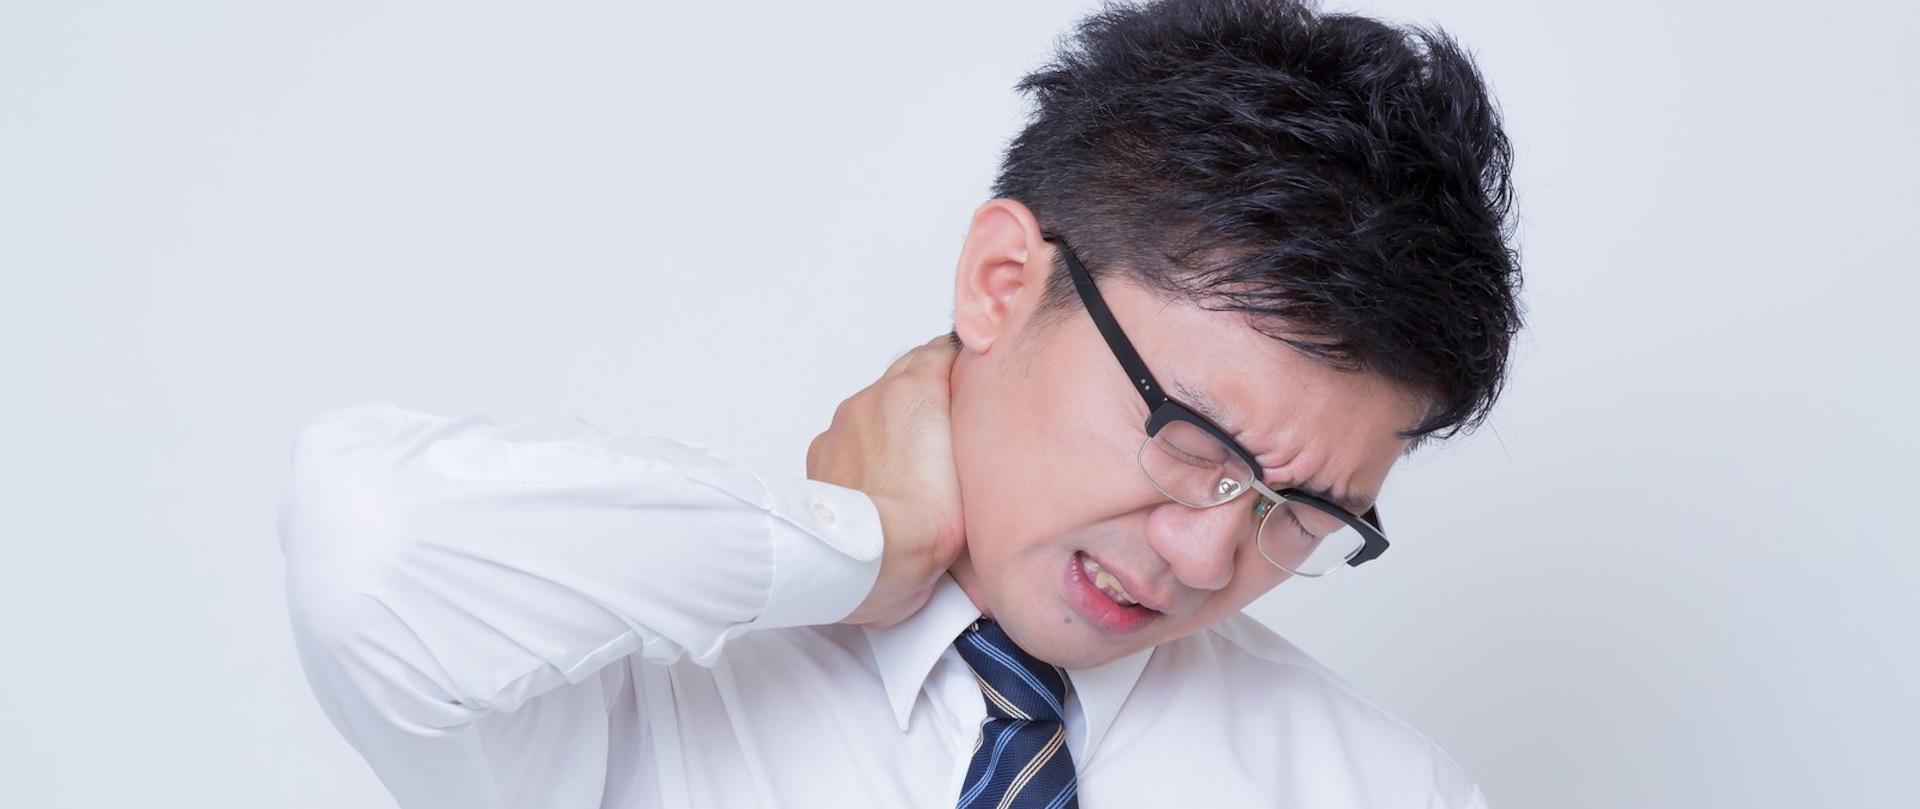 落枕沒有妥善治療 頸椎性頭痛纏身